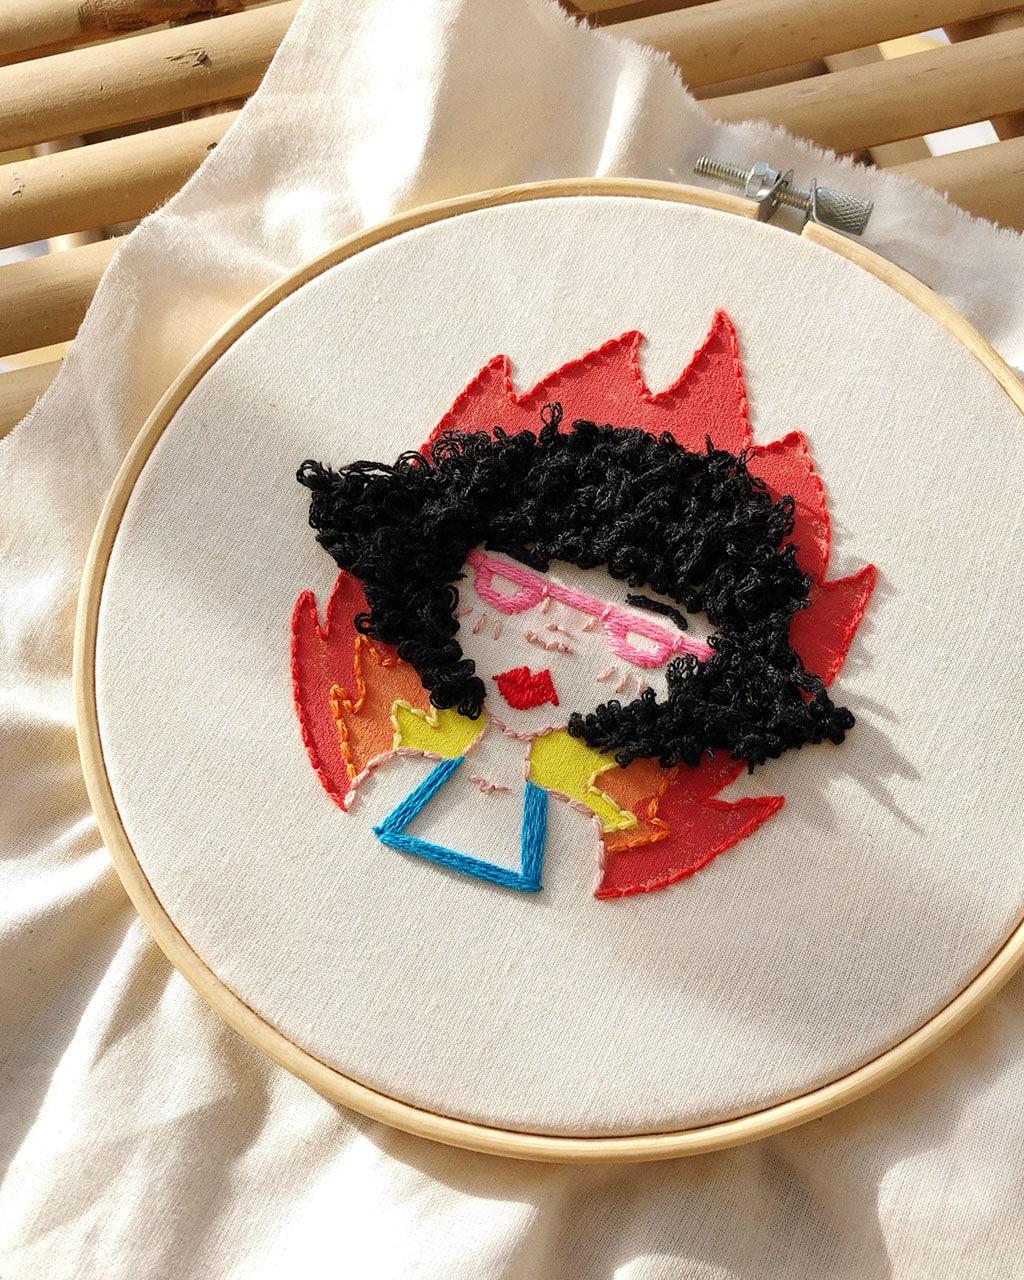 Bastidor-bordado-a-mano-hilo-algodon-gouache-colores-mujer-moderna-fuego-decoracion-actual-paulapordios - Paula Molina